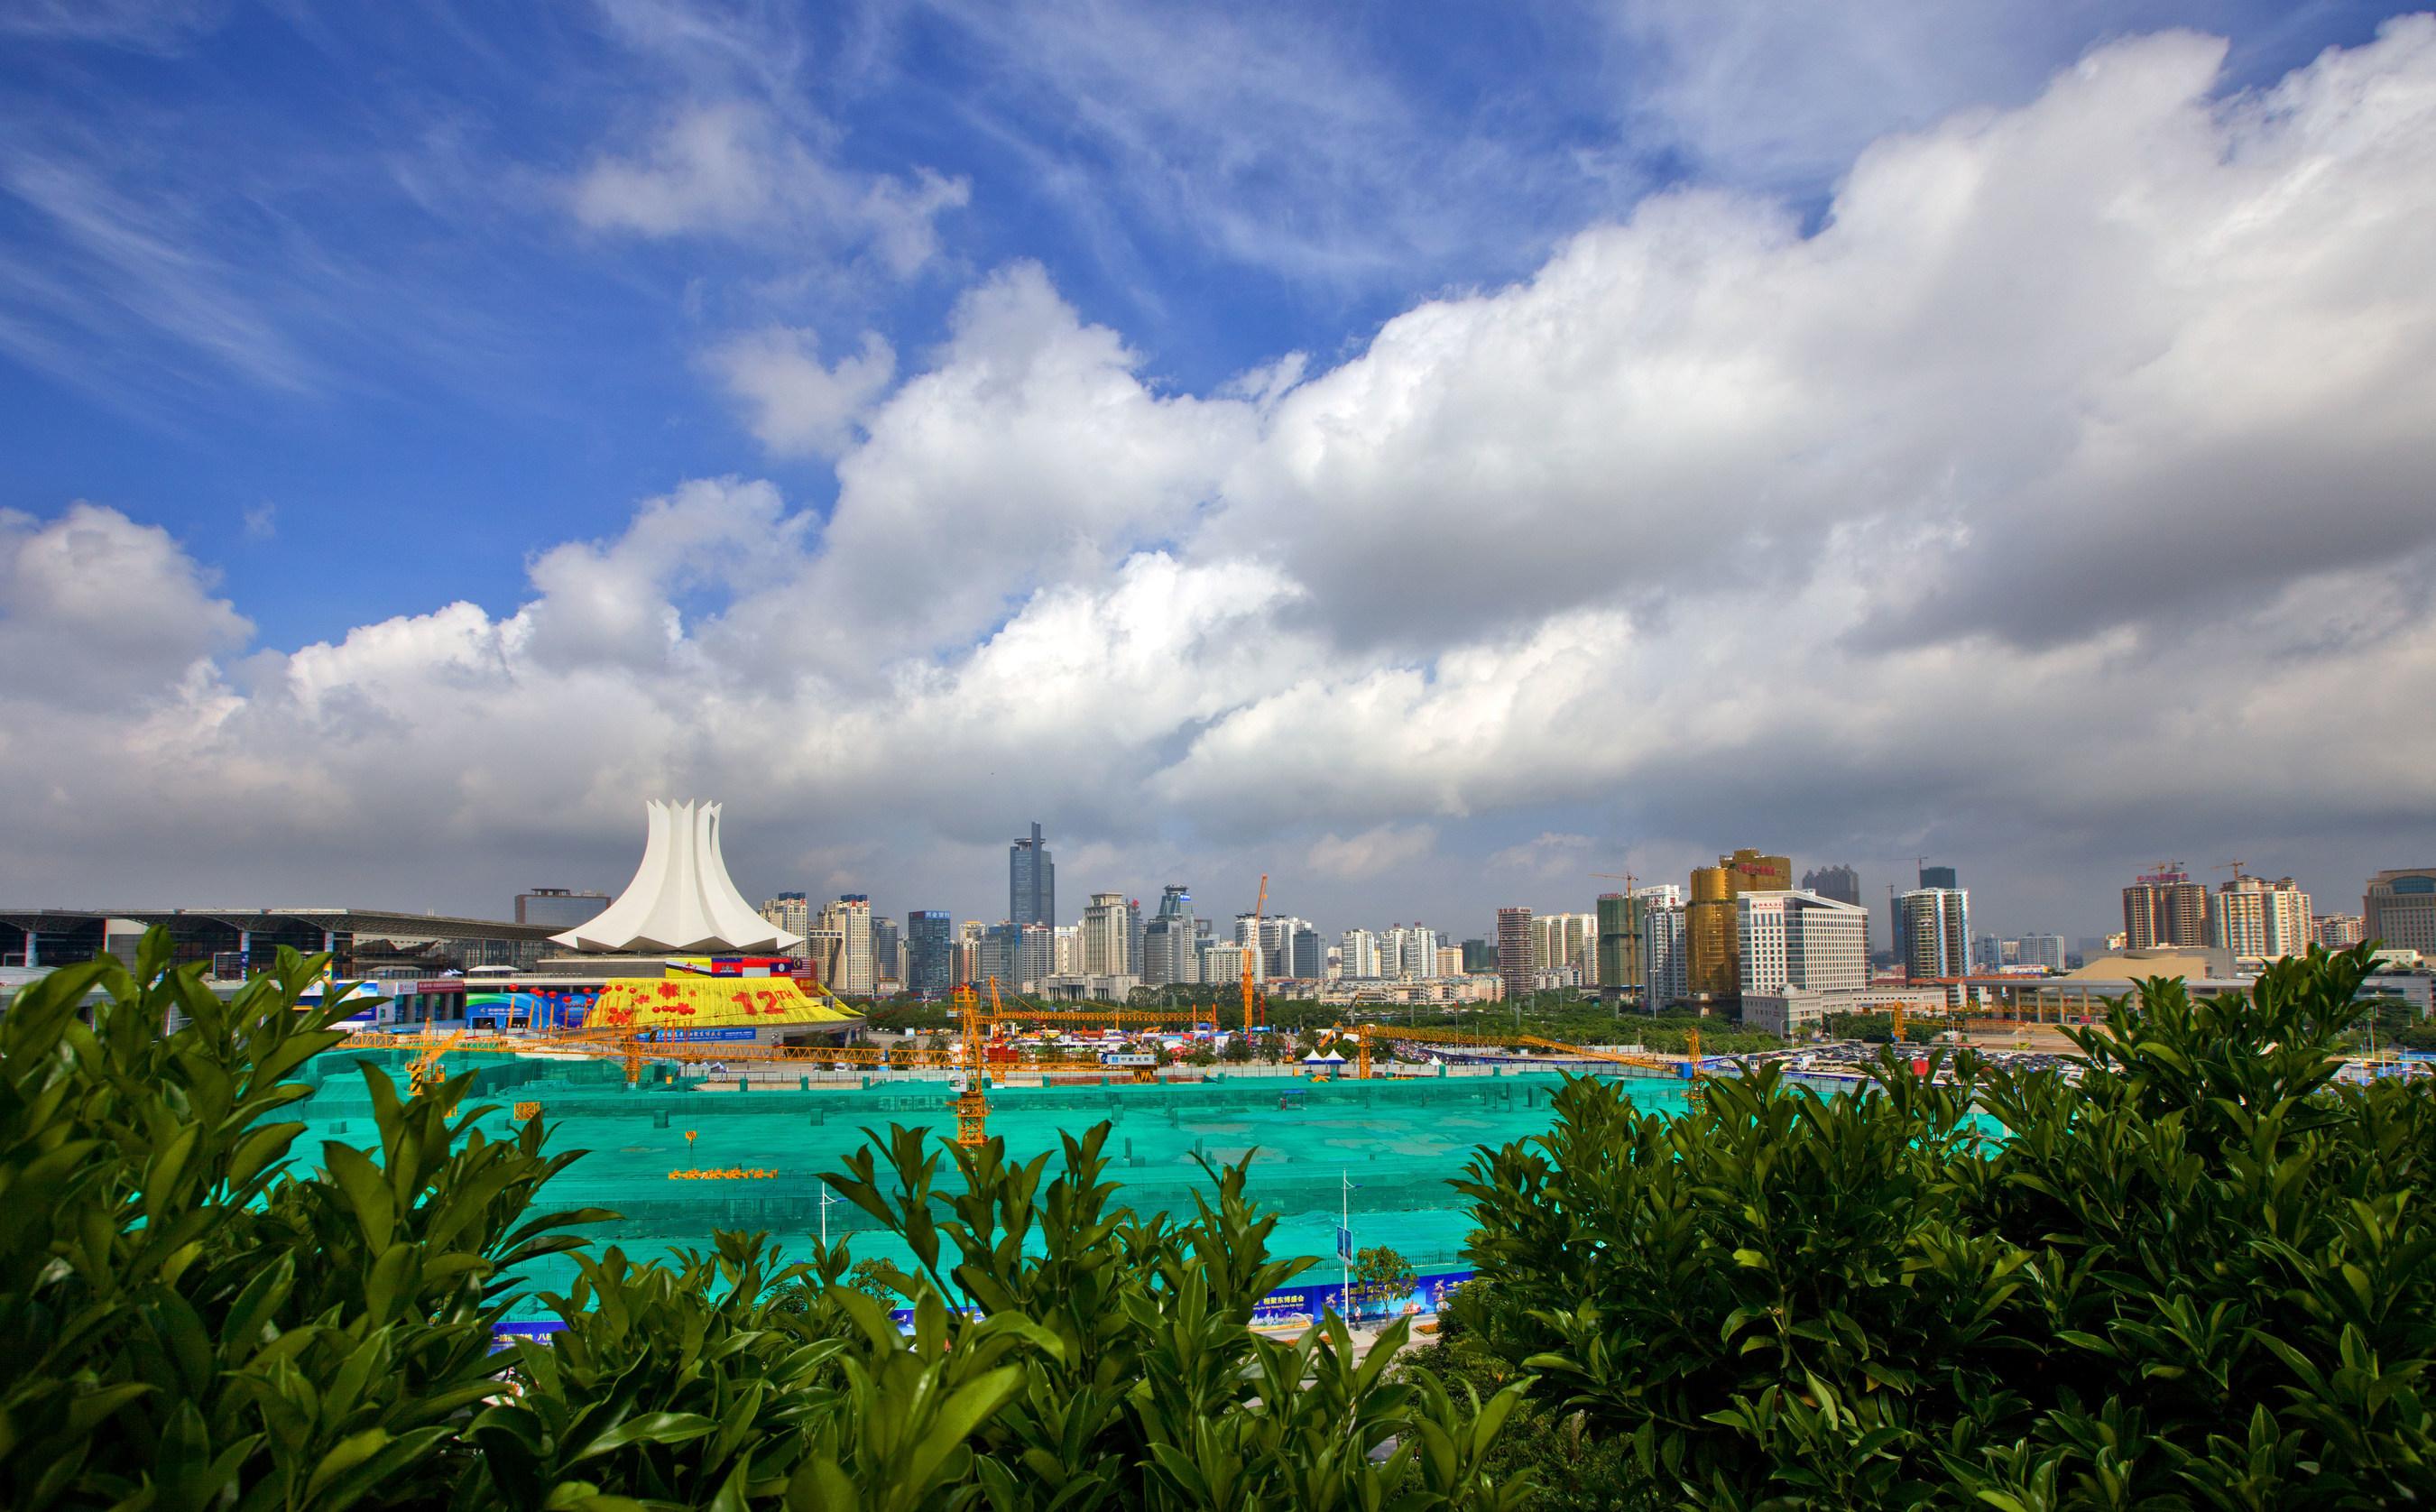 Miasto Nanning przyczynia się do zacieśnienia współpracy między Chinami i Stowarzyszeniem Narodów